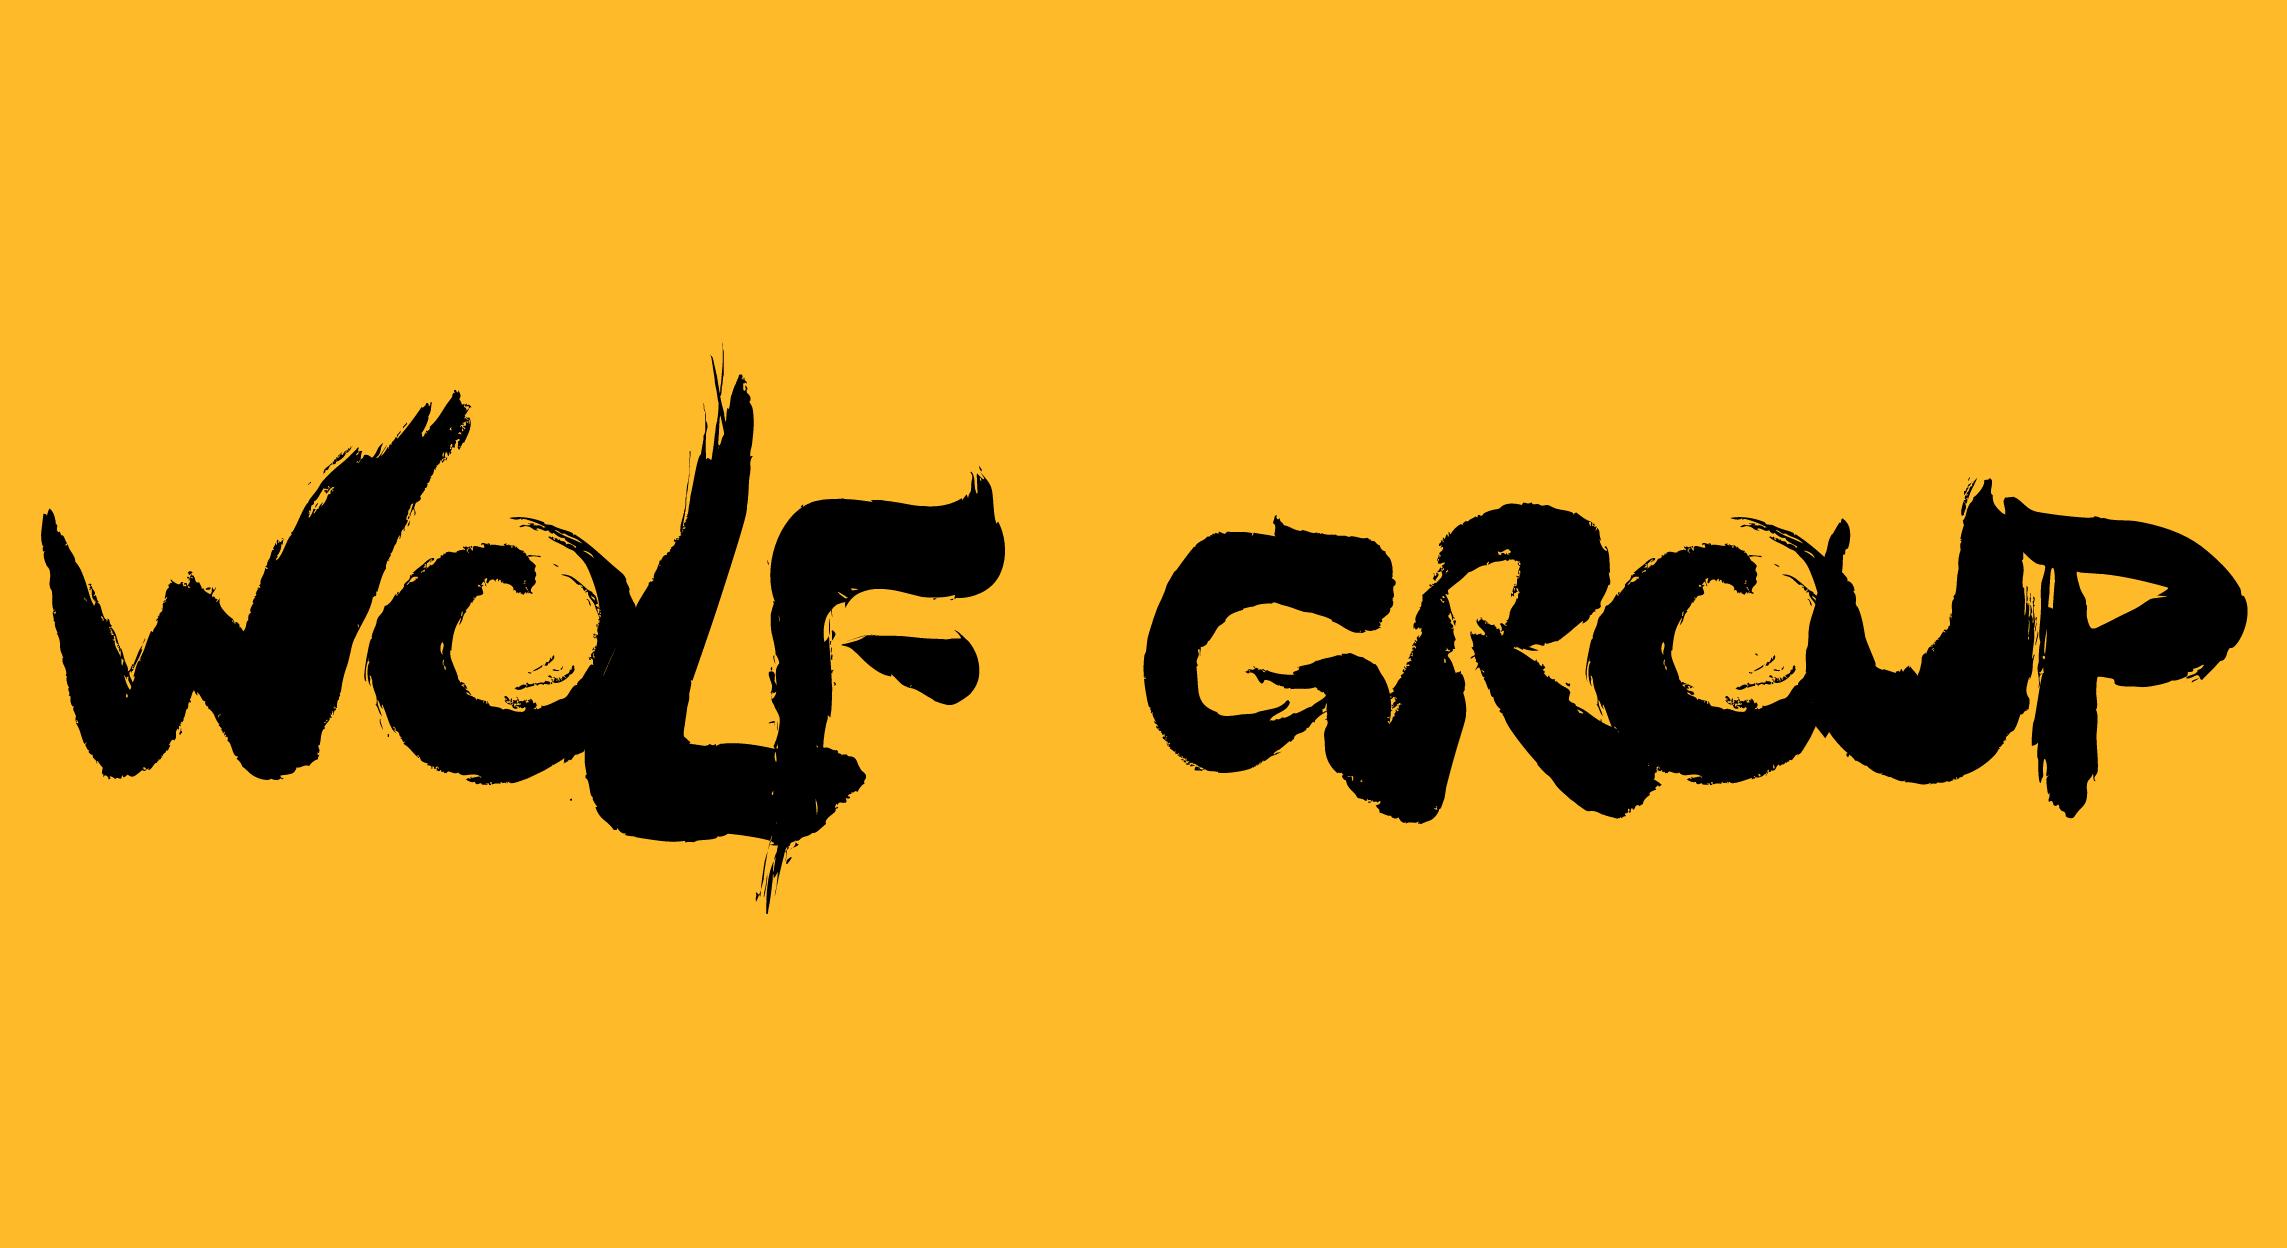 株式会社WolfGroup